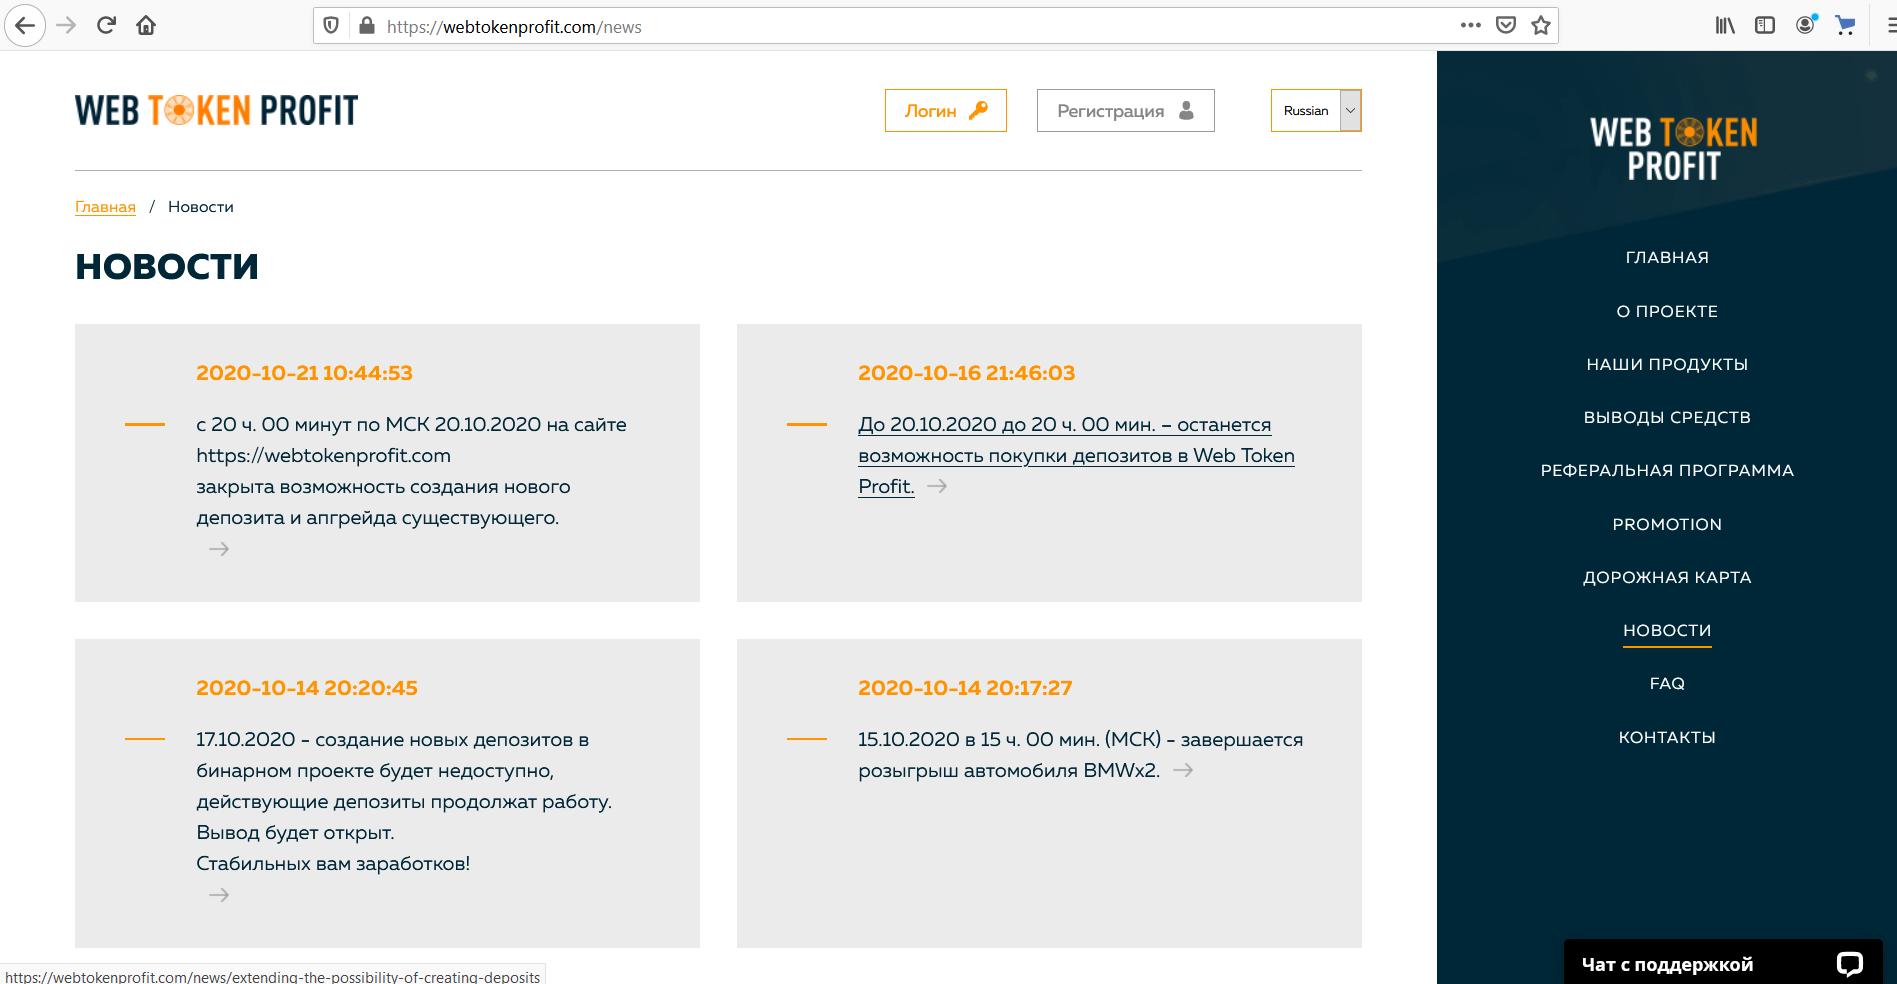 Актуальные новости проекта Web Token Profit